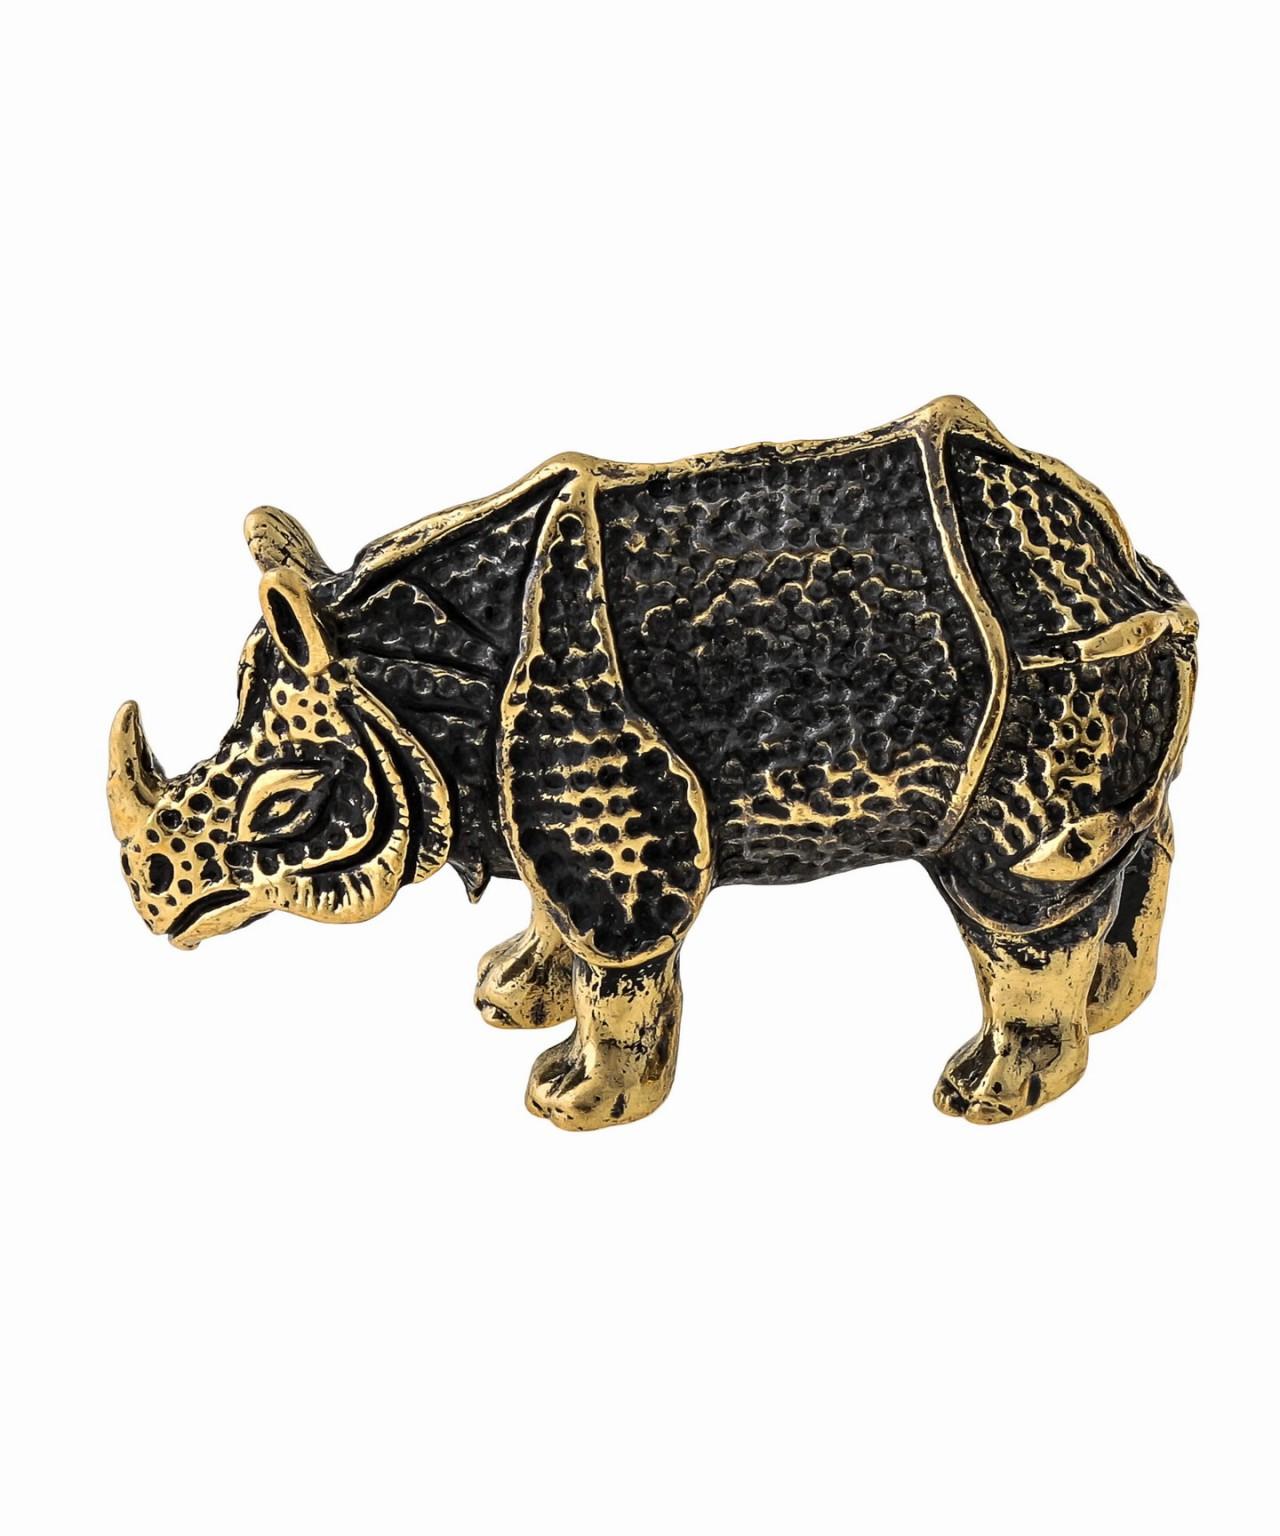 Носорог броненосец без подставки 1439.1